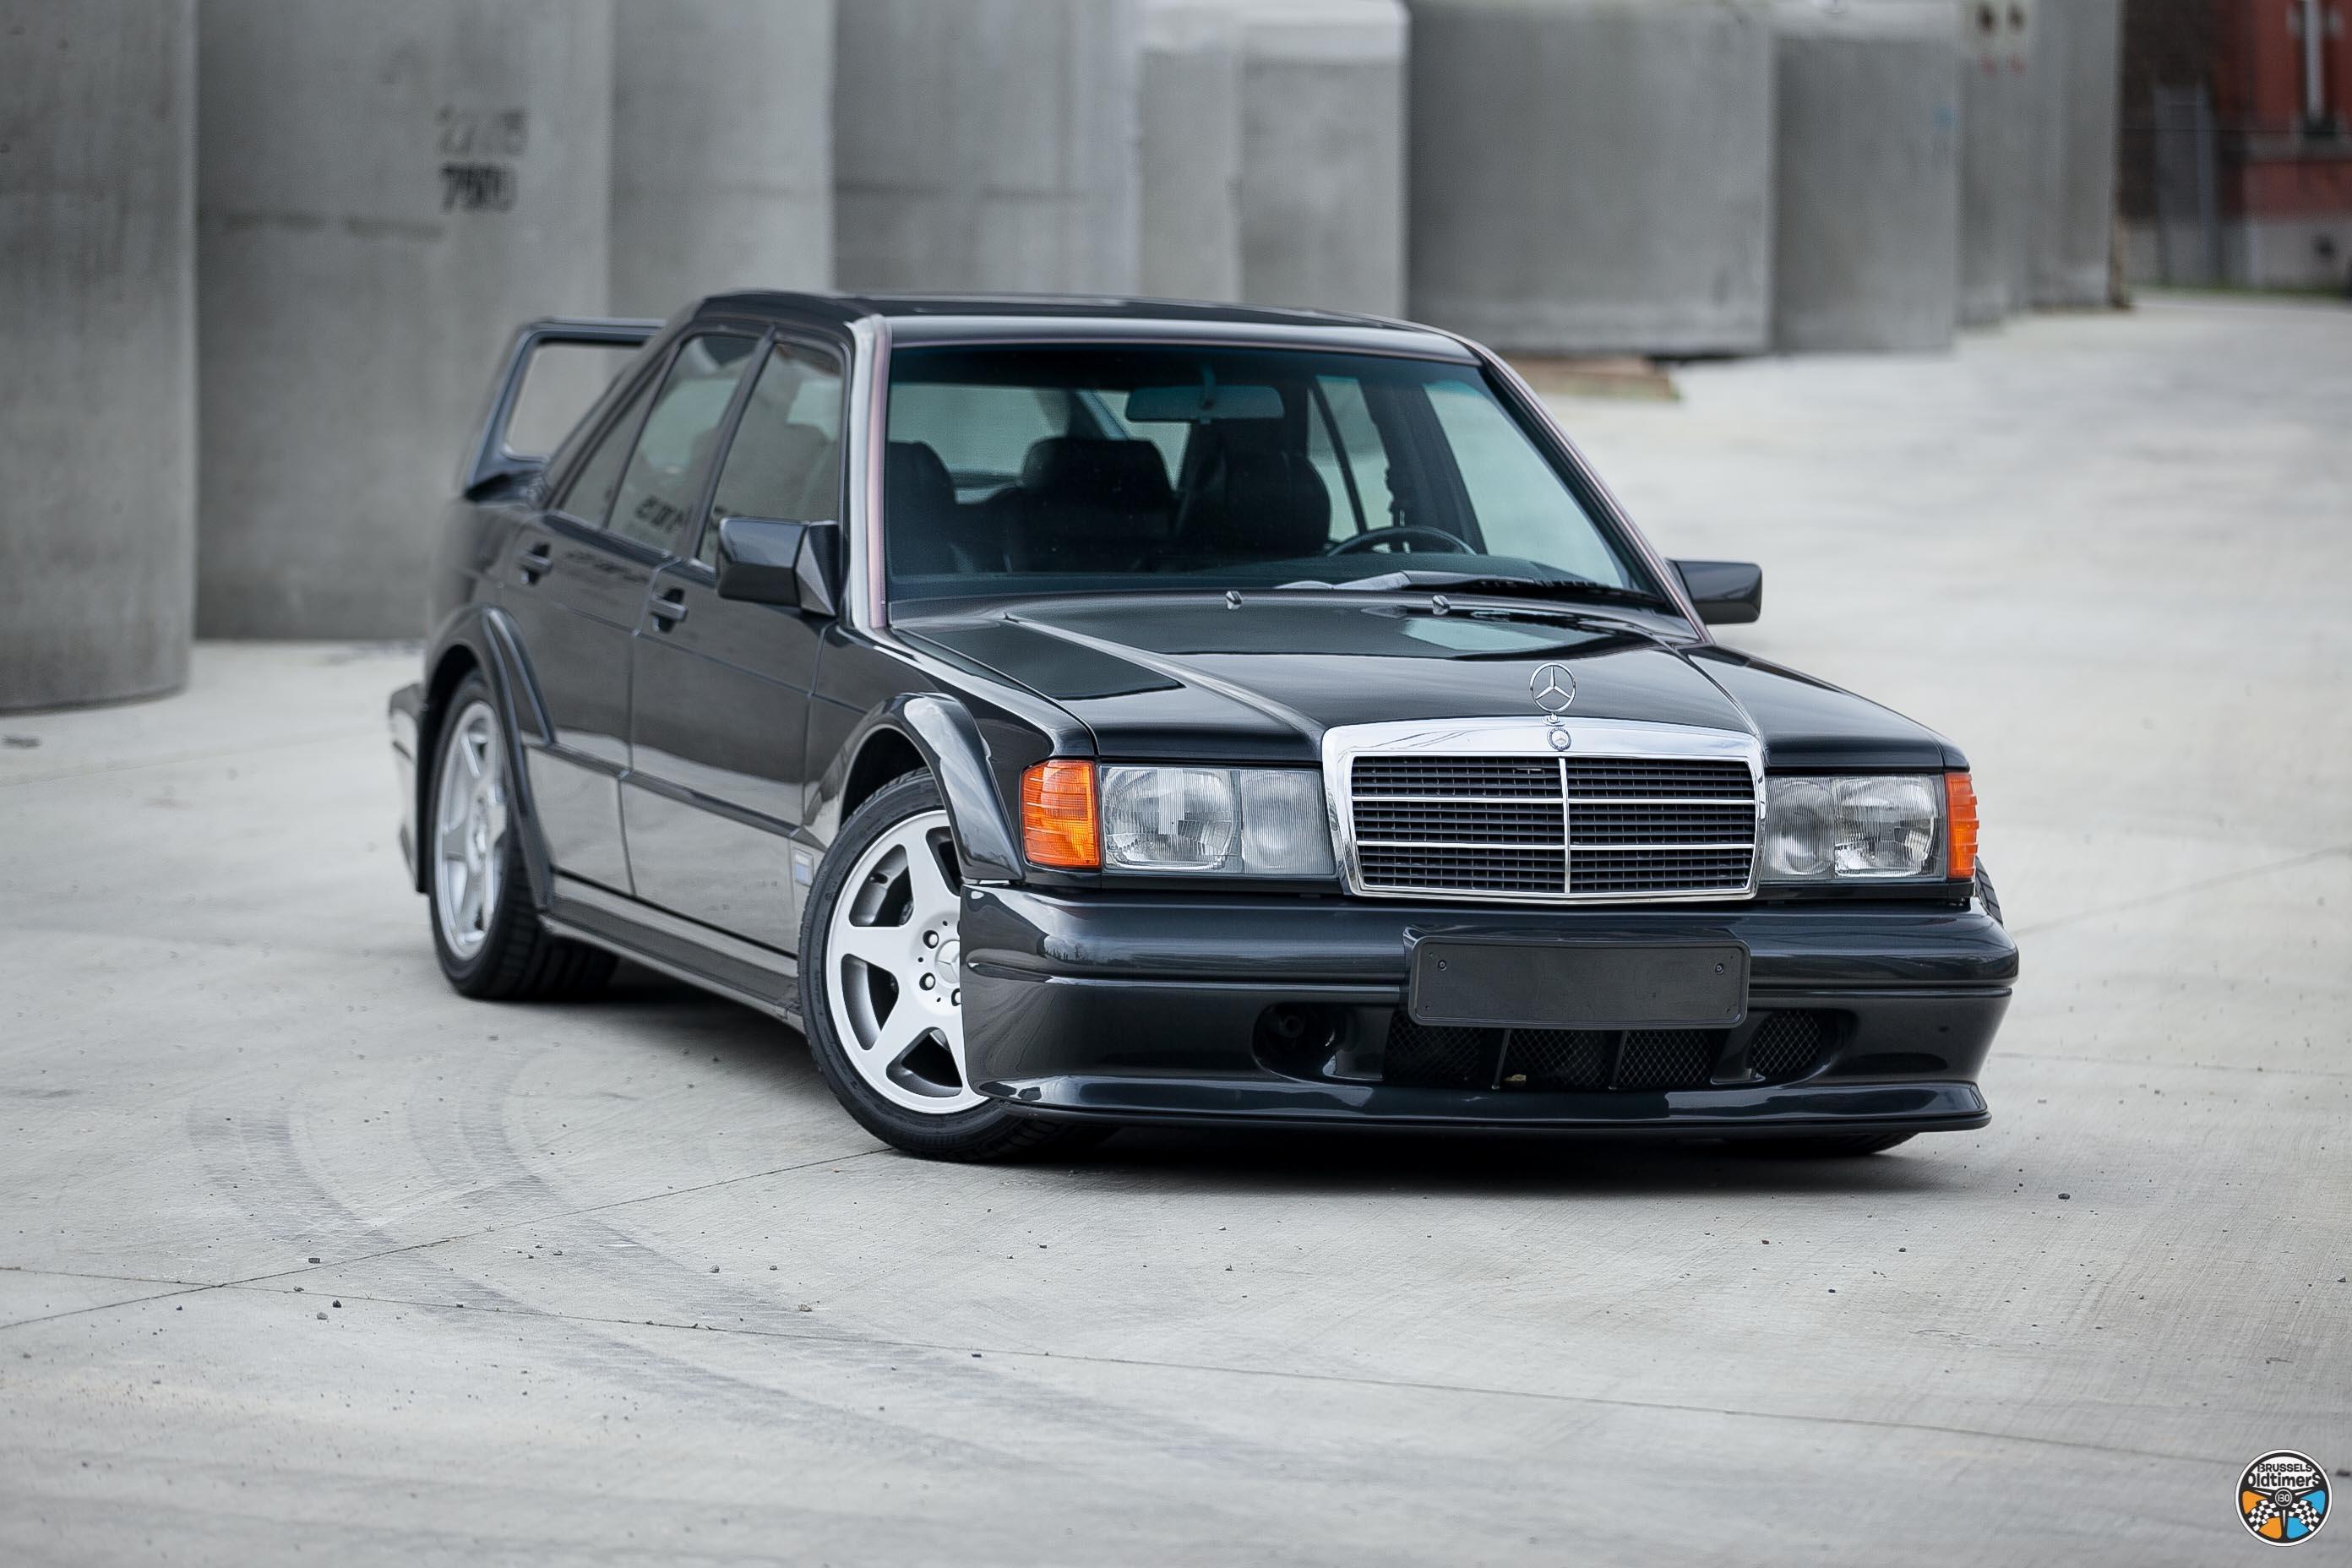 Mercedes 190 evo 2 (julien van rampelbergh)